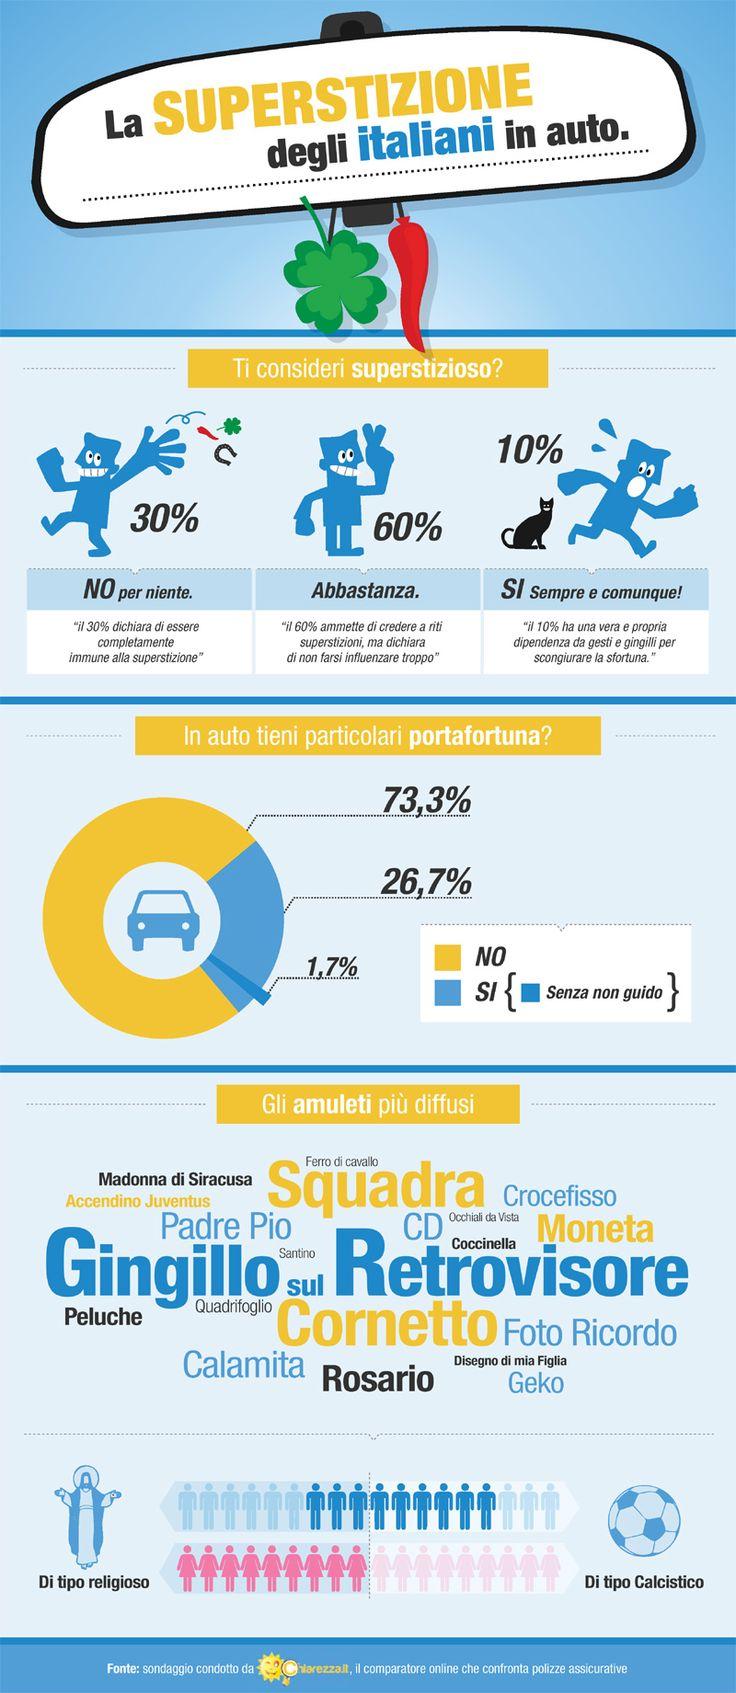 La superstizione degli italiani in auto [INFOGRAFICA] #chiarezza.it